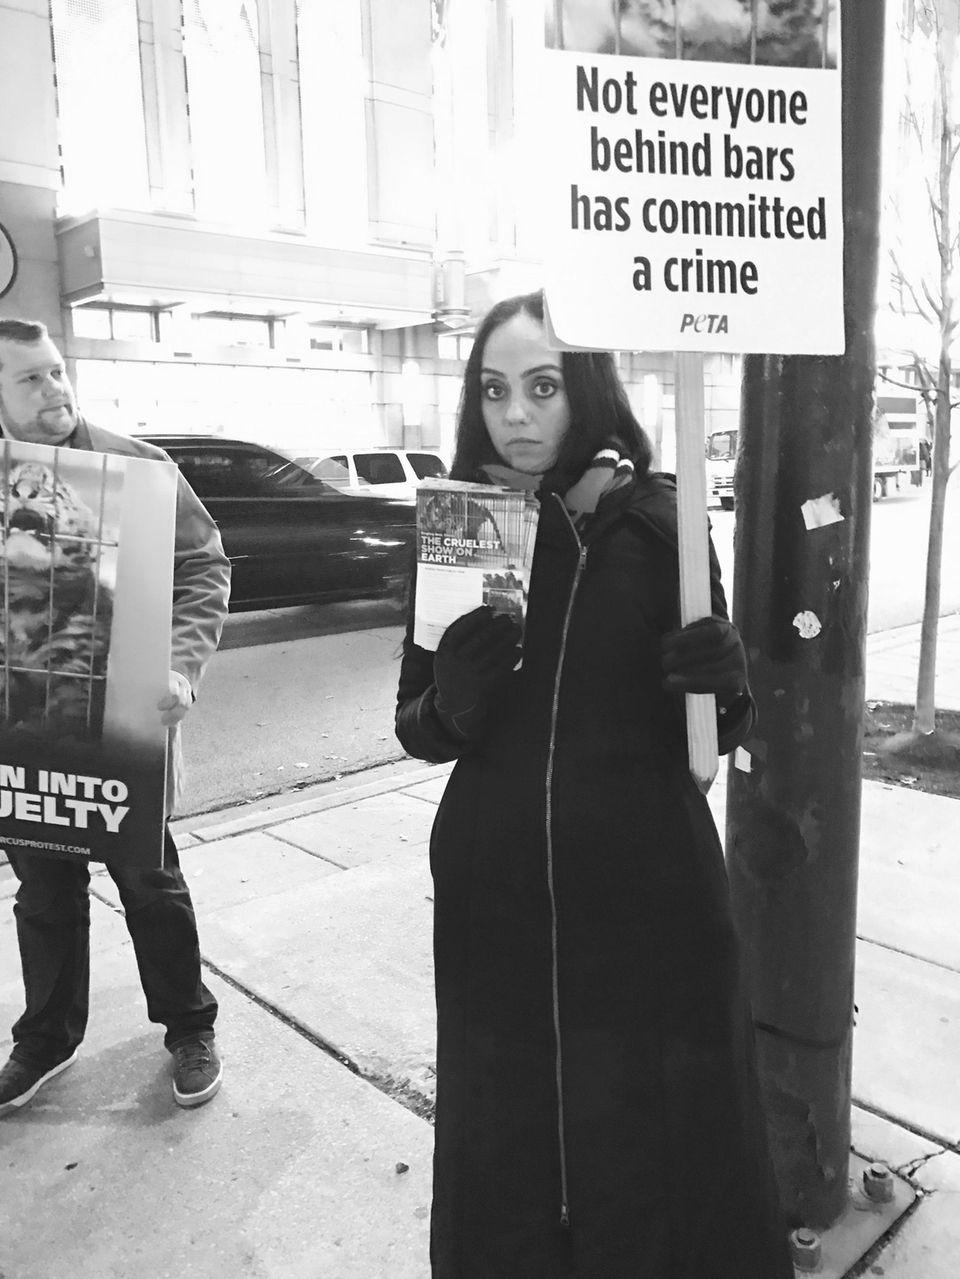 Protesting RBBB Circus November 2016 at United Center